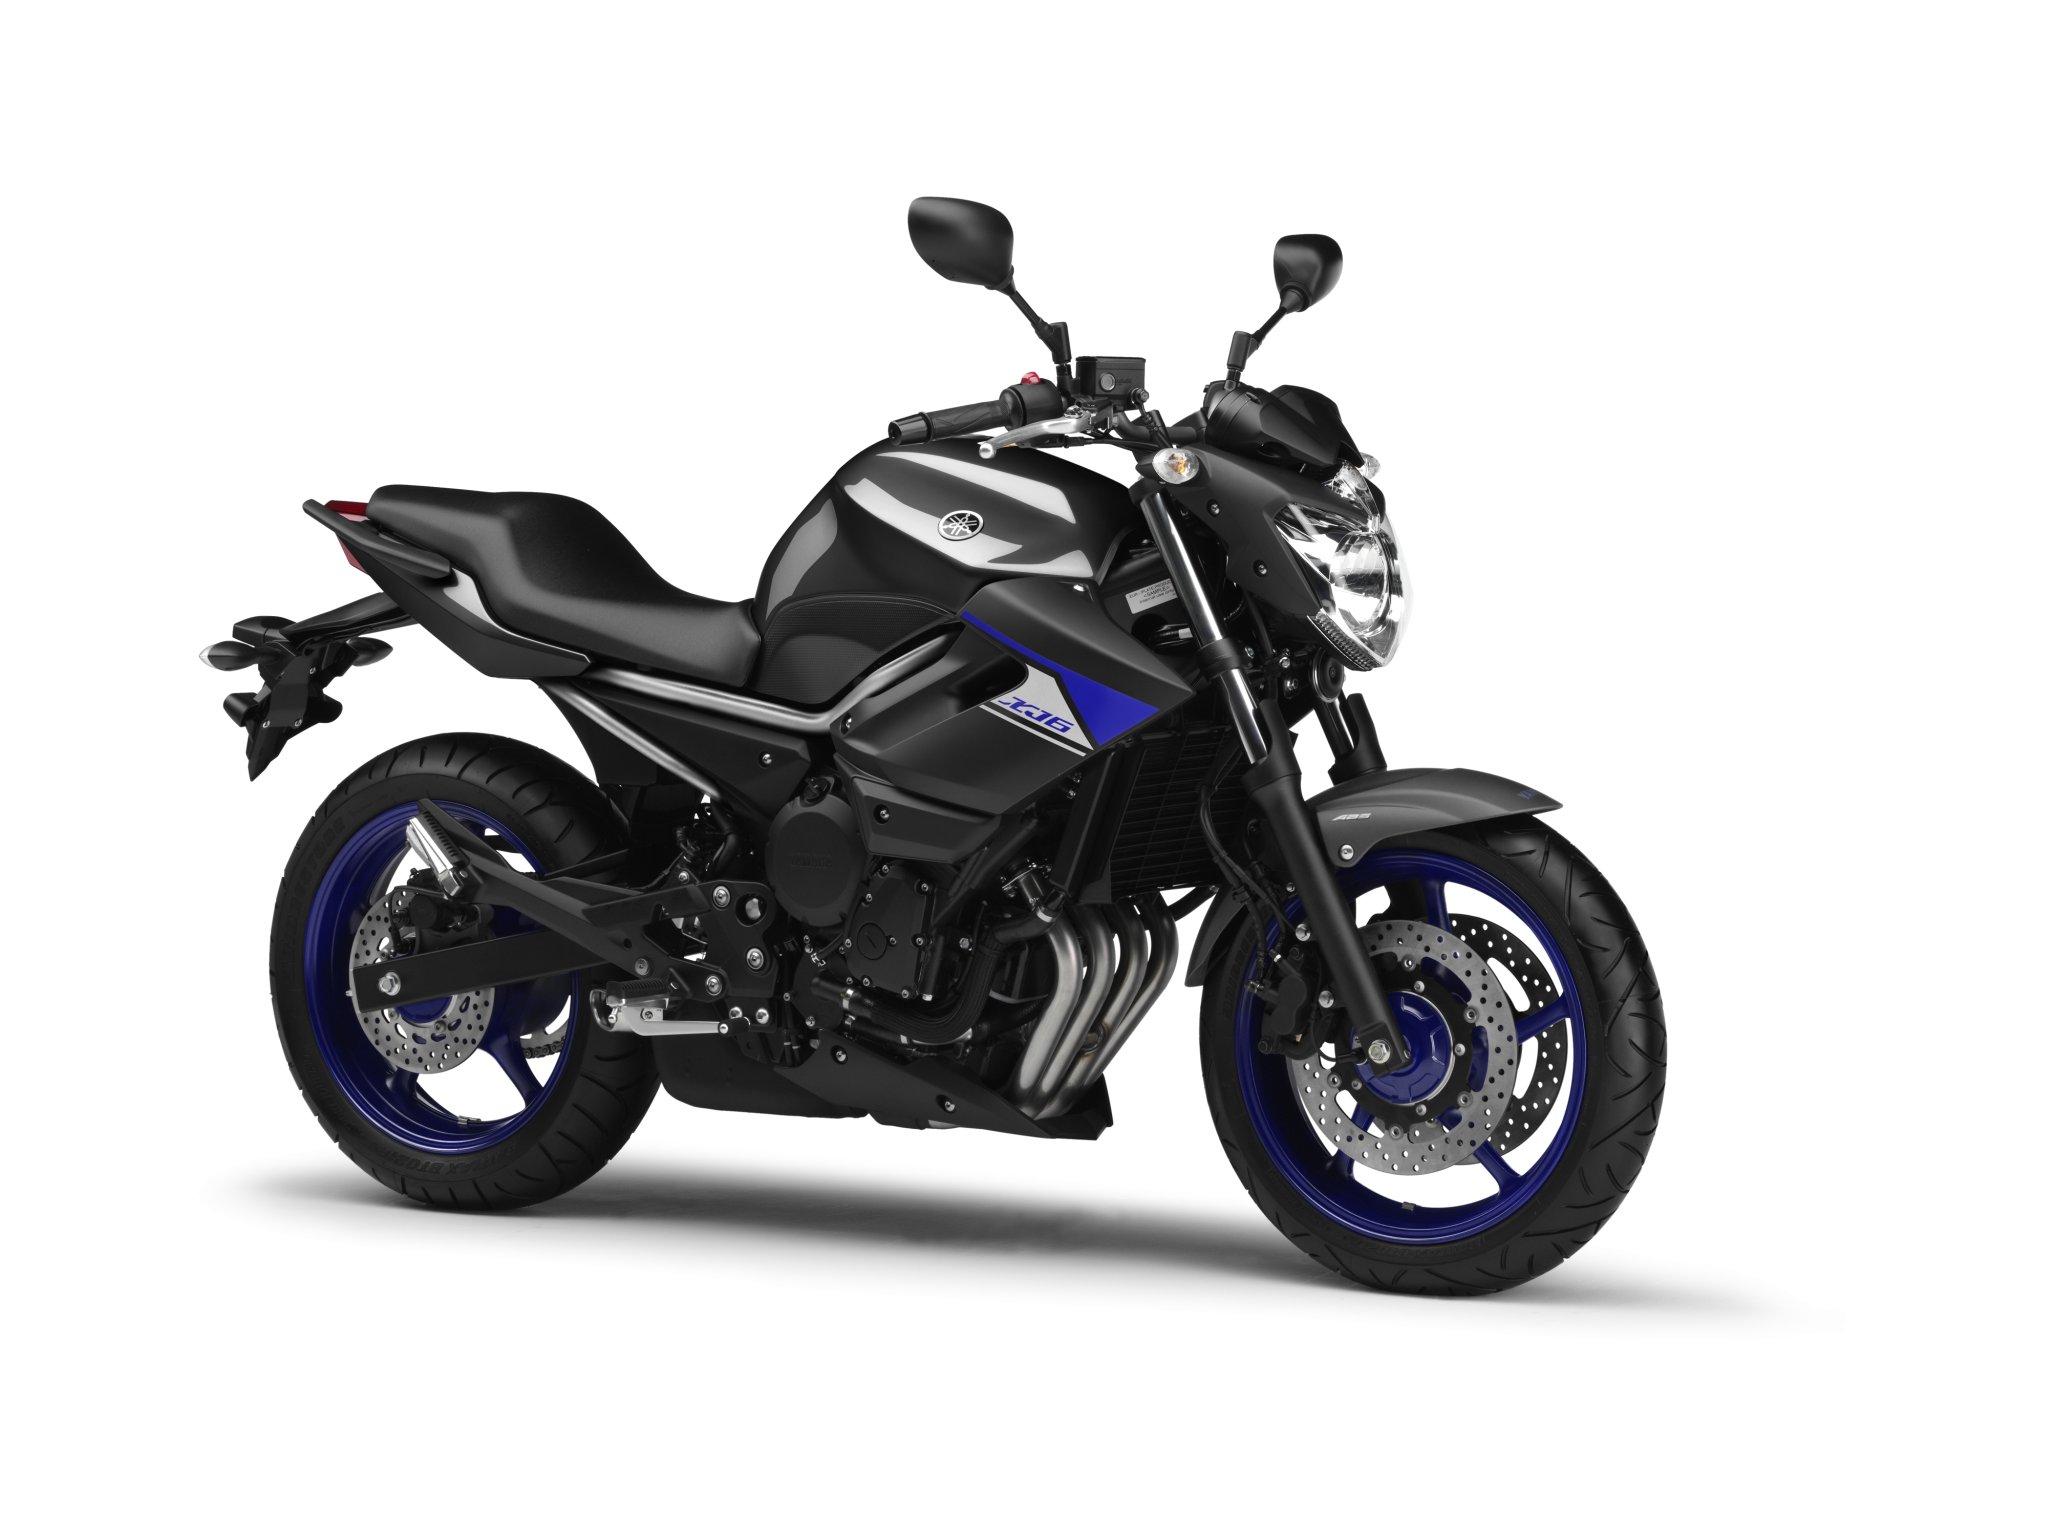 Yamaha -XJ6 | Cafe racer, Motorcycle, Bicycle